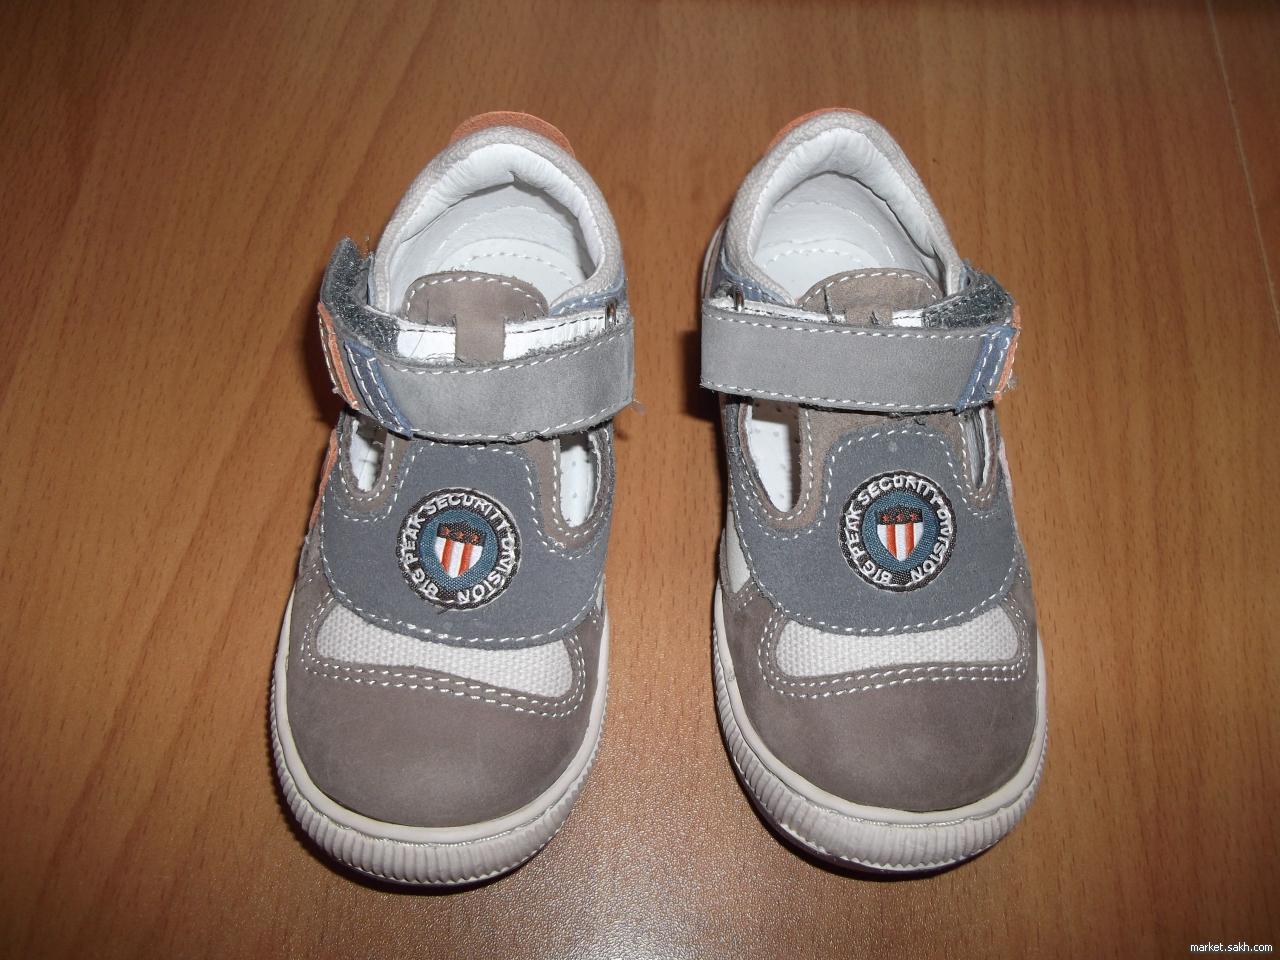 Купить детскую обувь Зебра от 1 3 руб в интернет